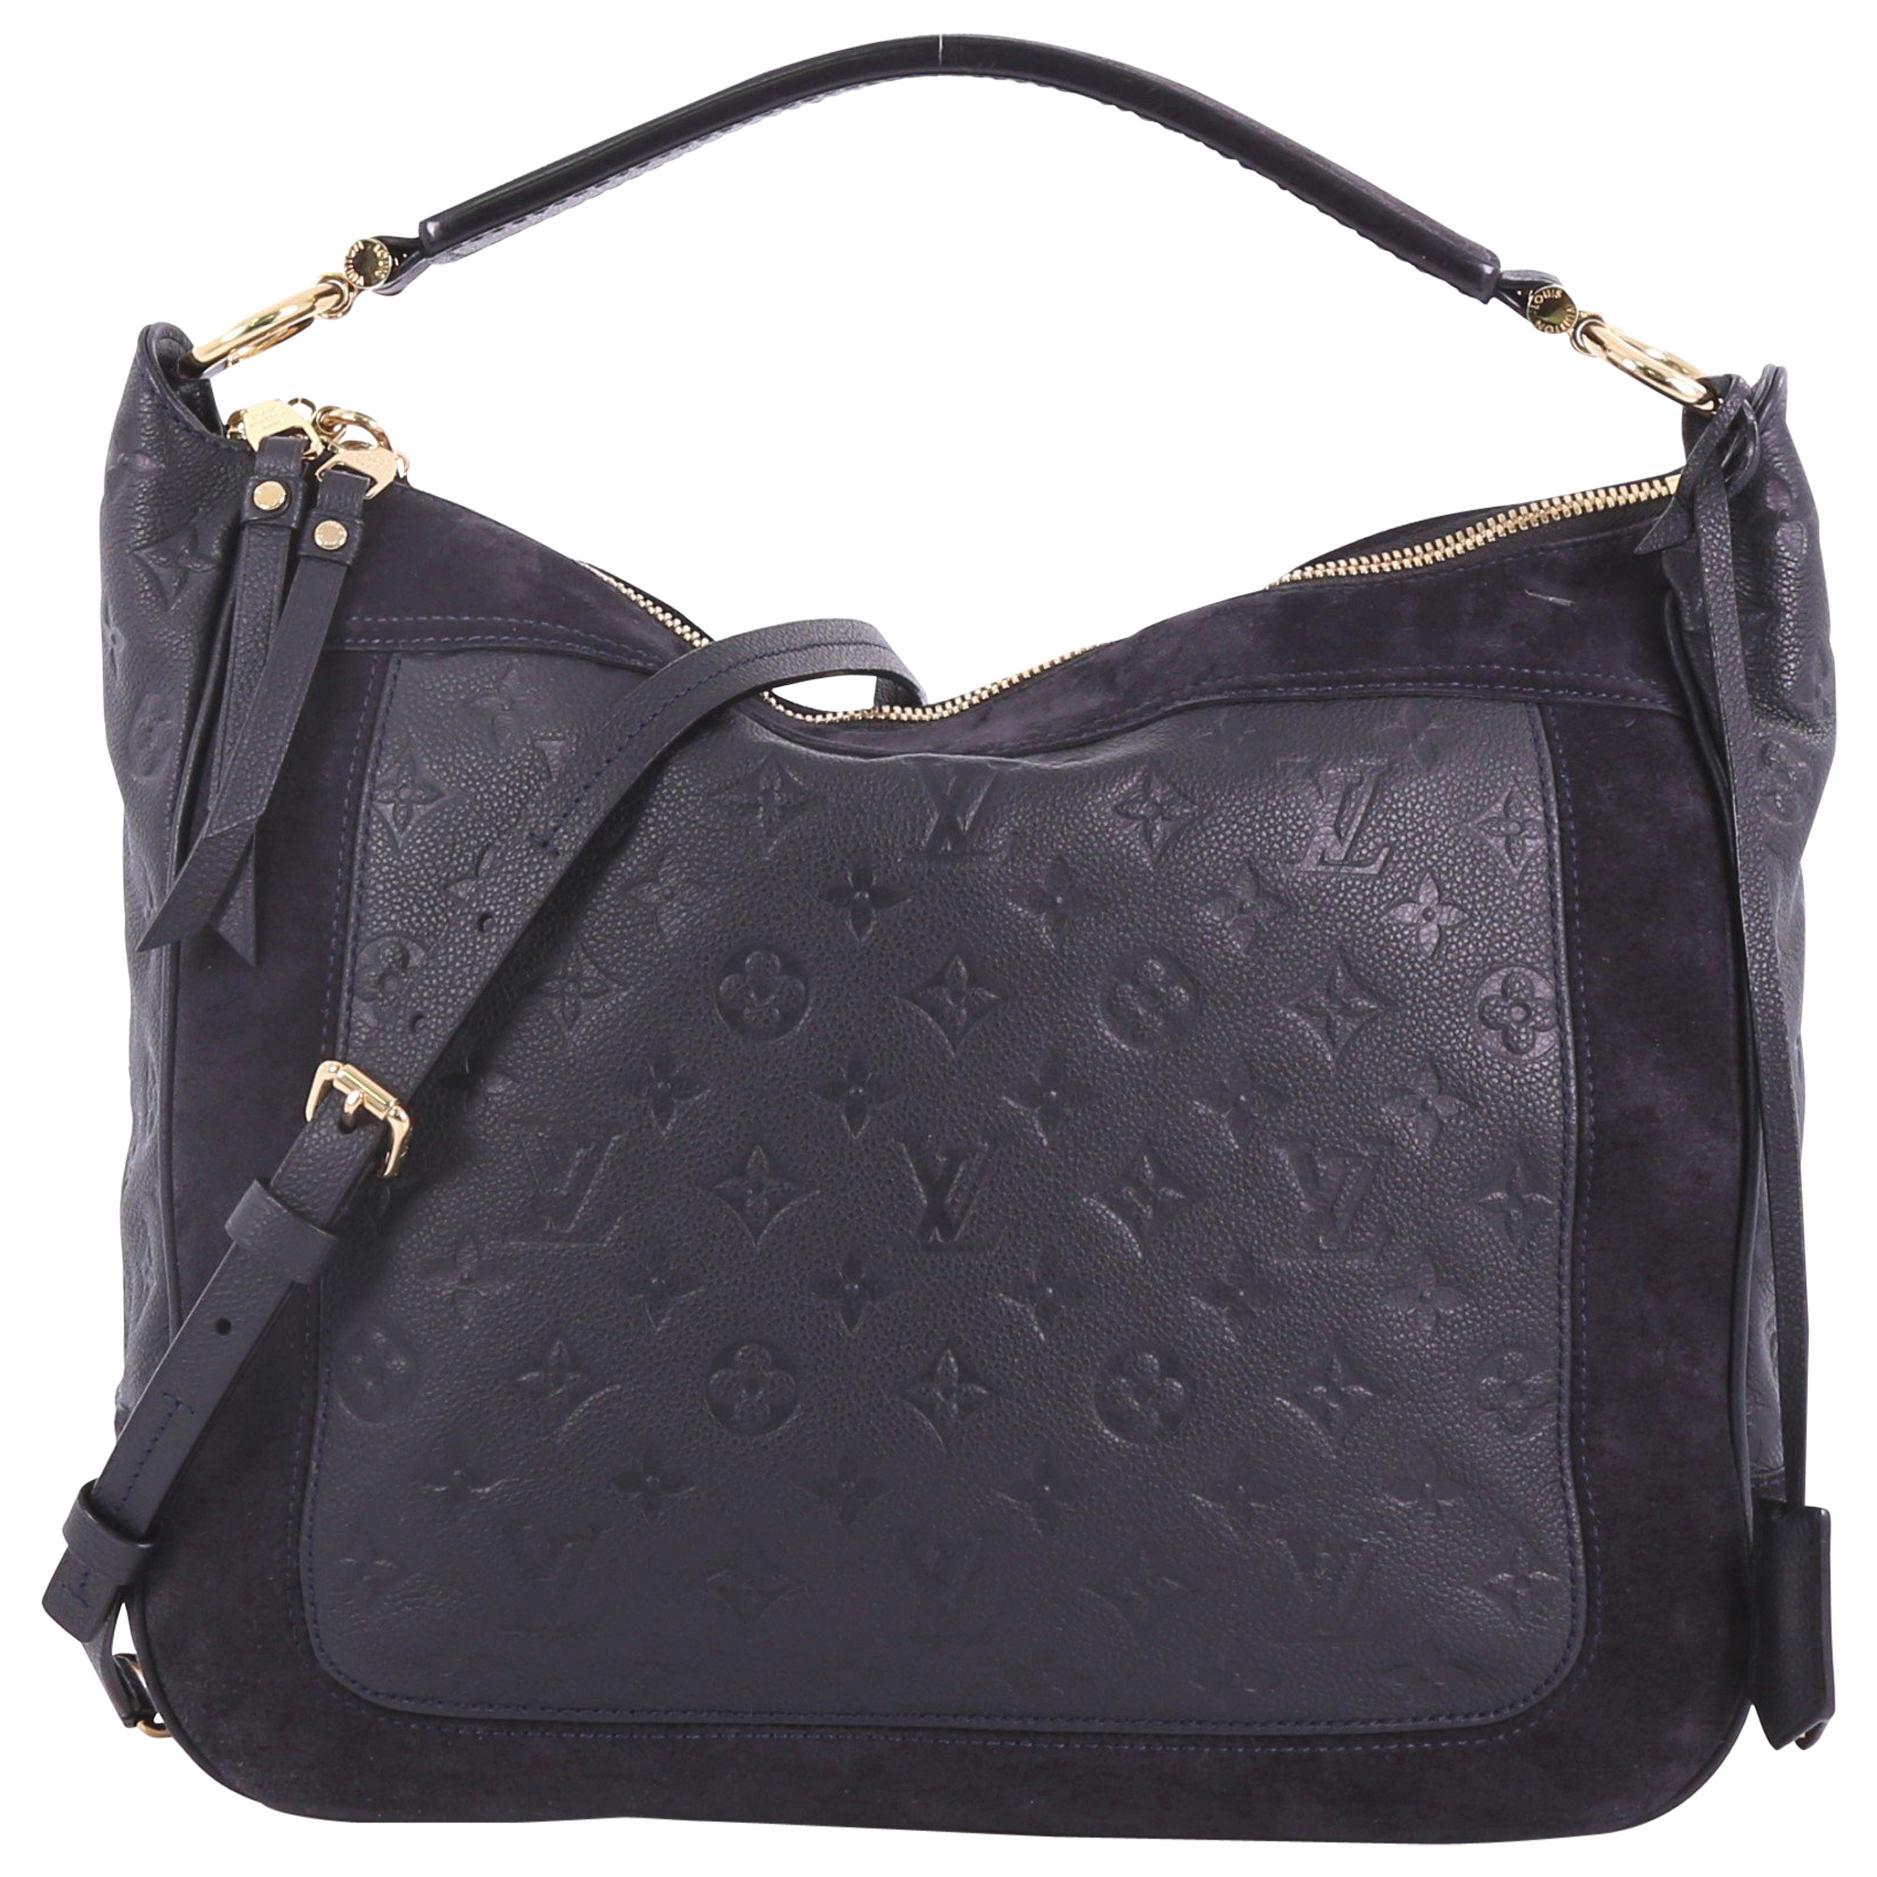 4a420131cd0c Rebag Top Handle Bags - 1stdibs